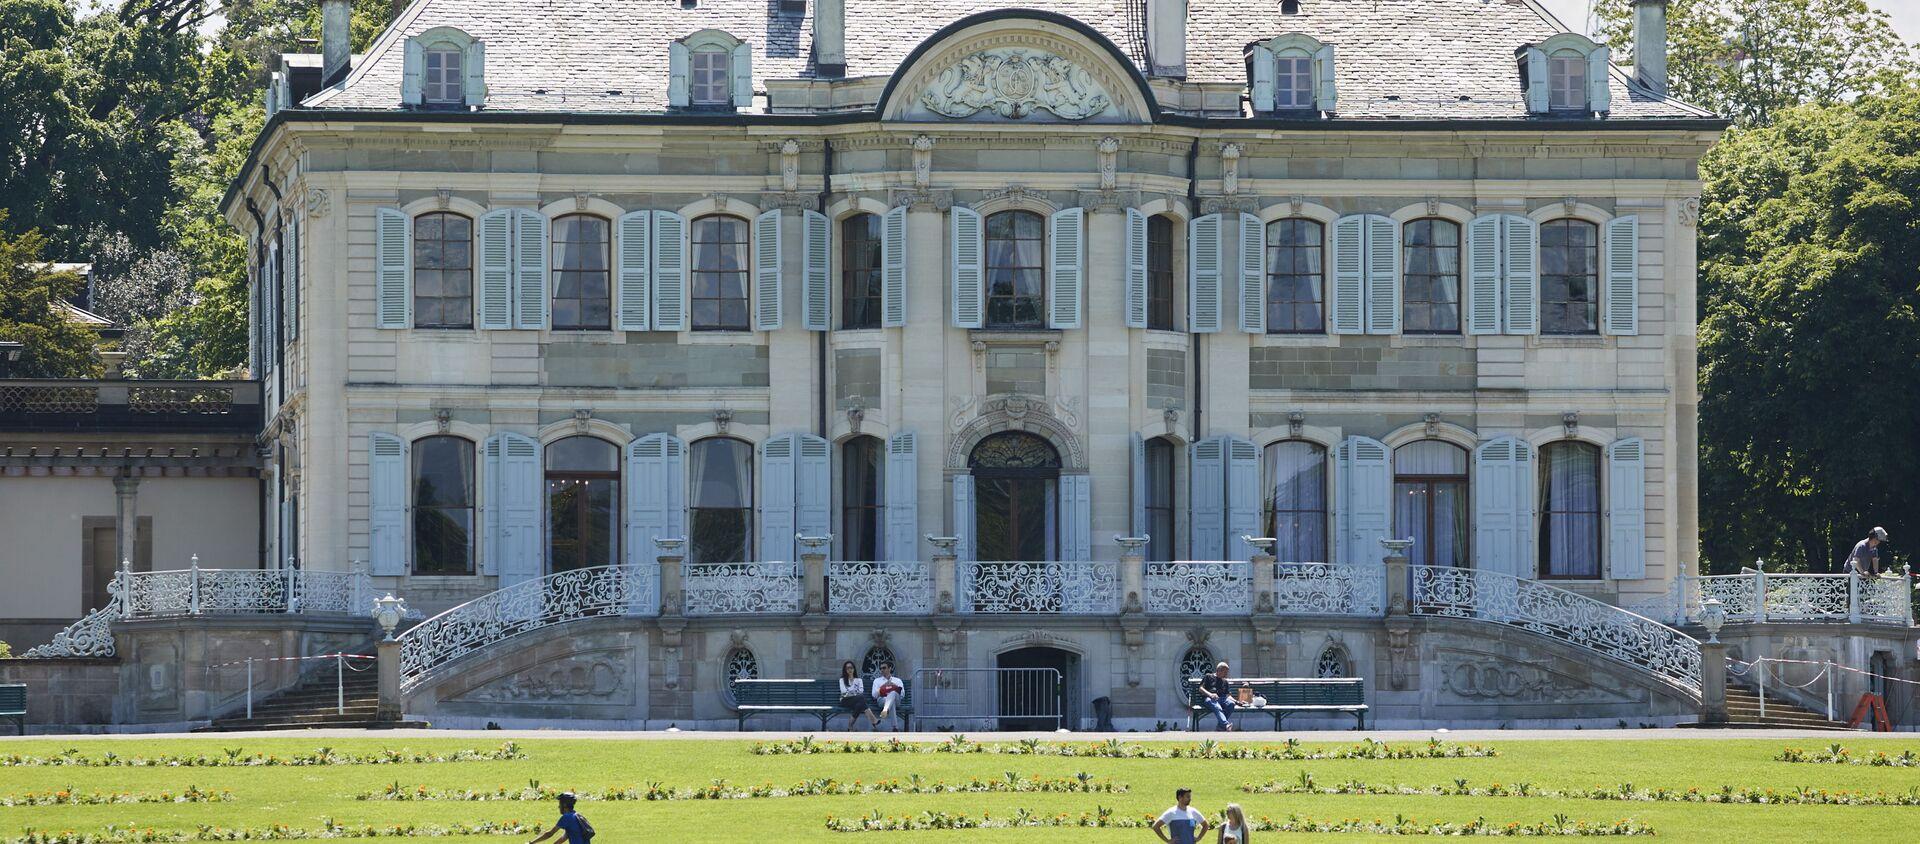 Cuộc hội đàm giữa Tổng thống Nga Vladimir Putin và nhà lãnh đạo Mỹ Joe Biden sẽ được tổ chức tại Villa La Grange. - Sputnik Việt Nam, 1920, 15.06.2021